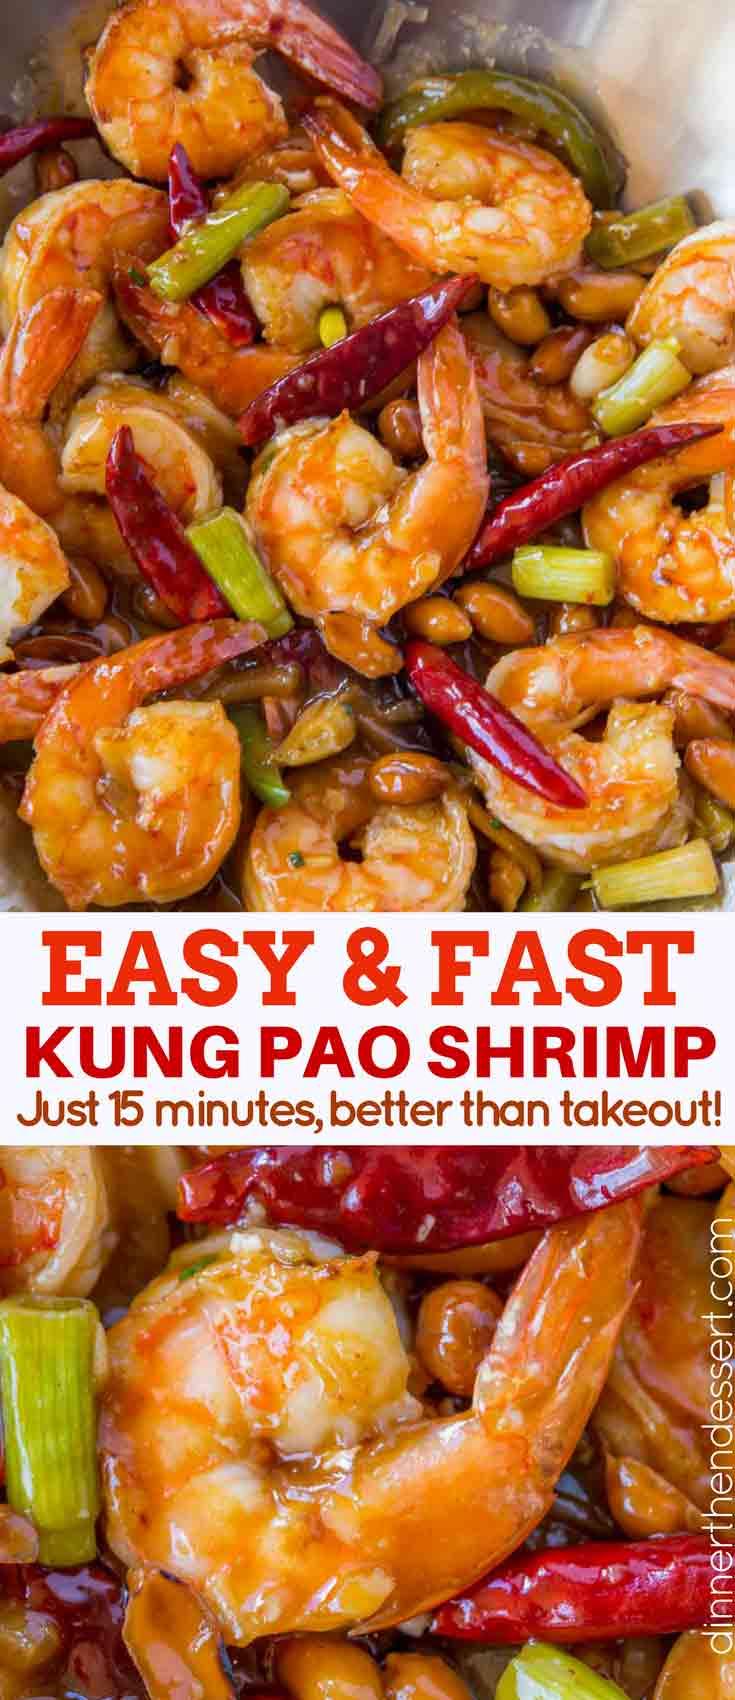 Quick Kung Pao Shrimp